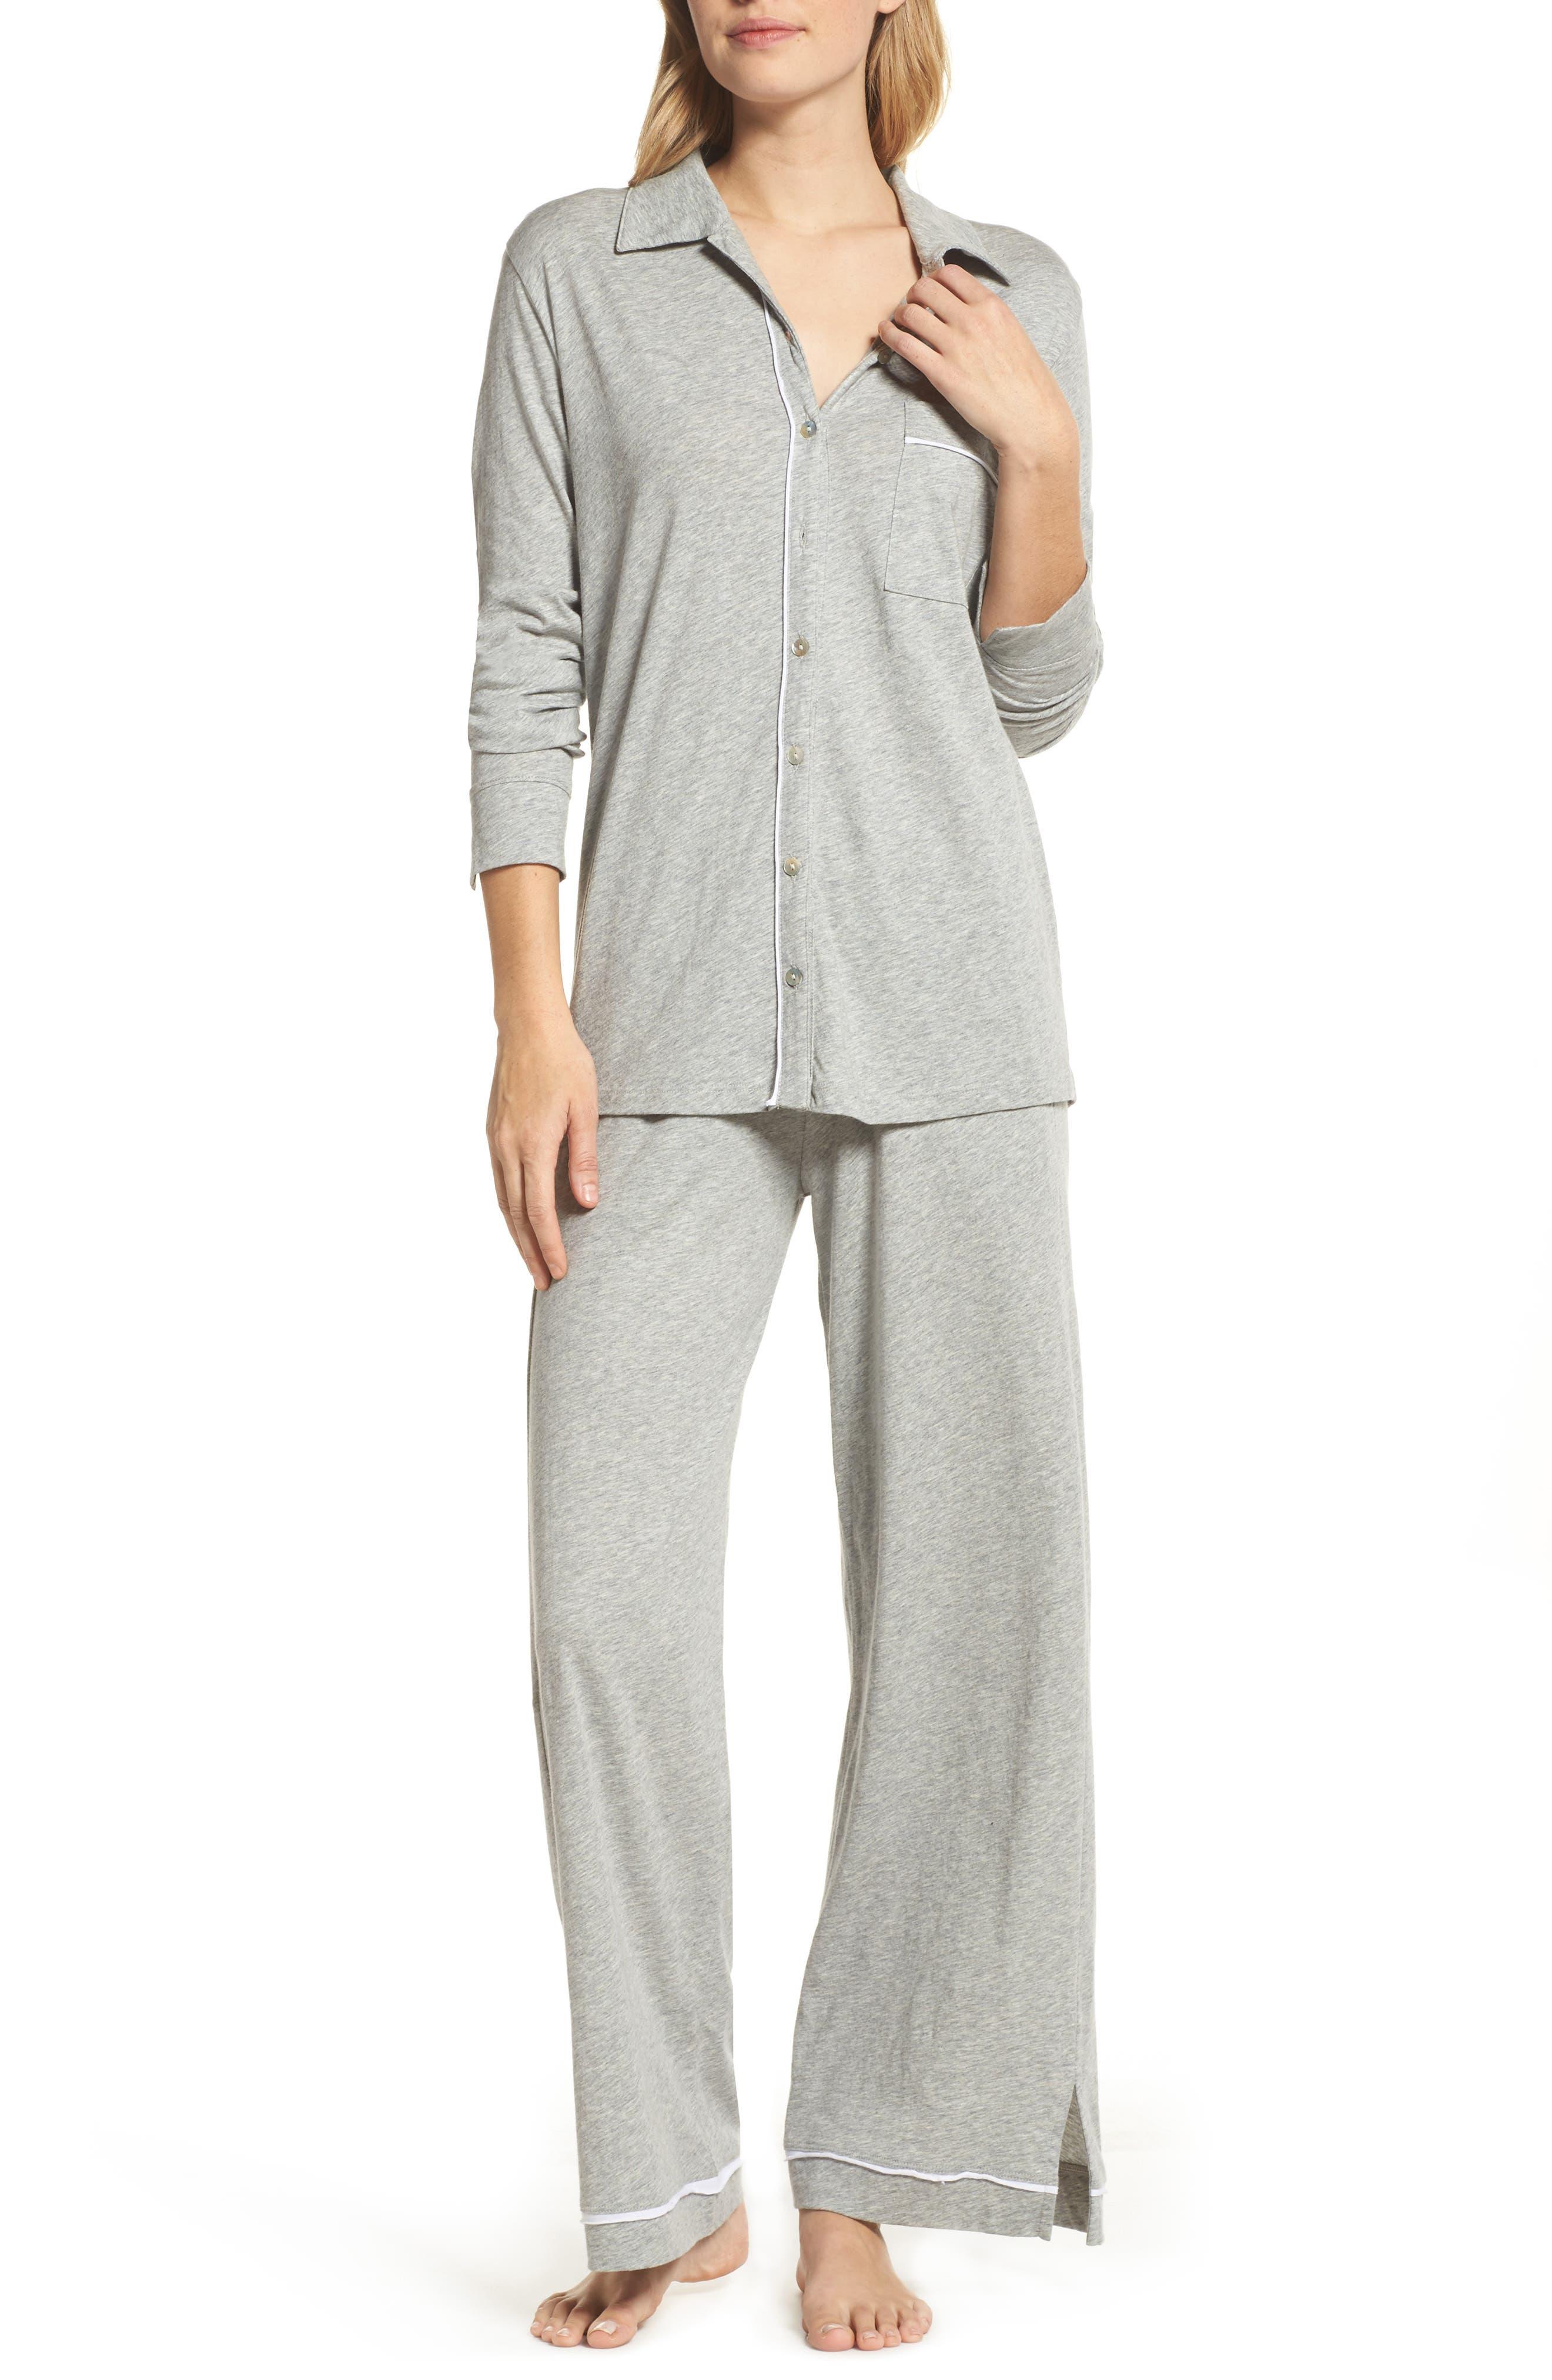 Penelope Pima Cotton Pajamas,                         Main,                         color, 020